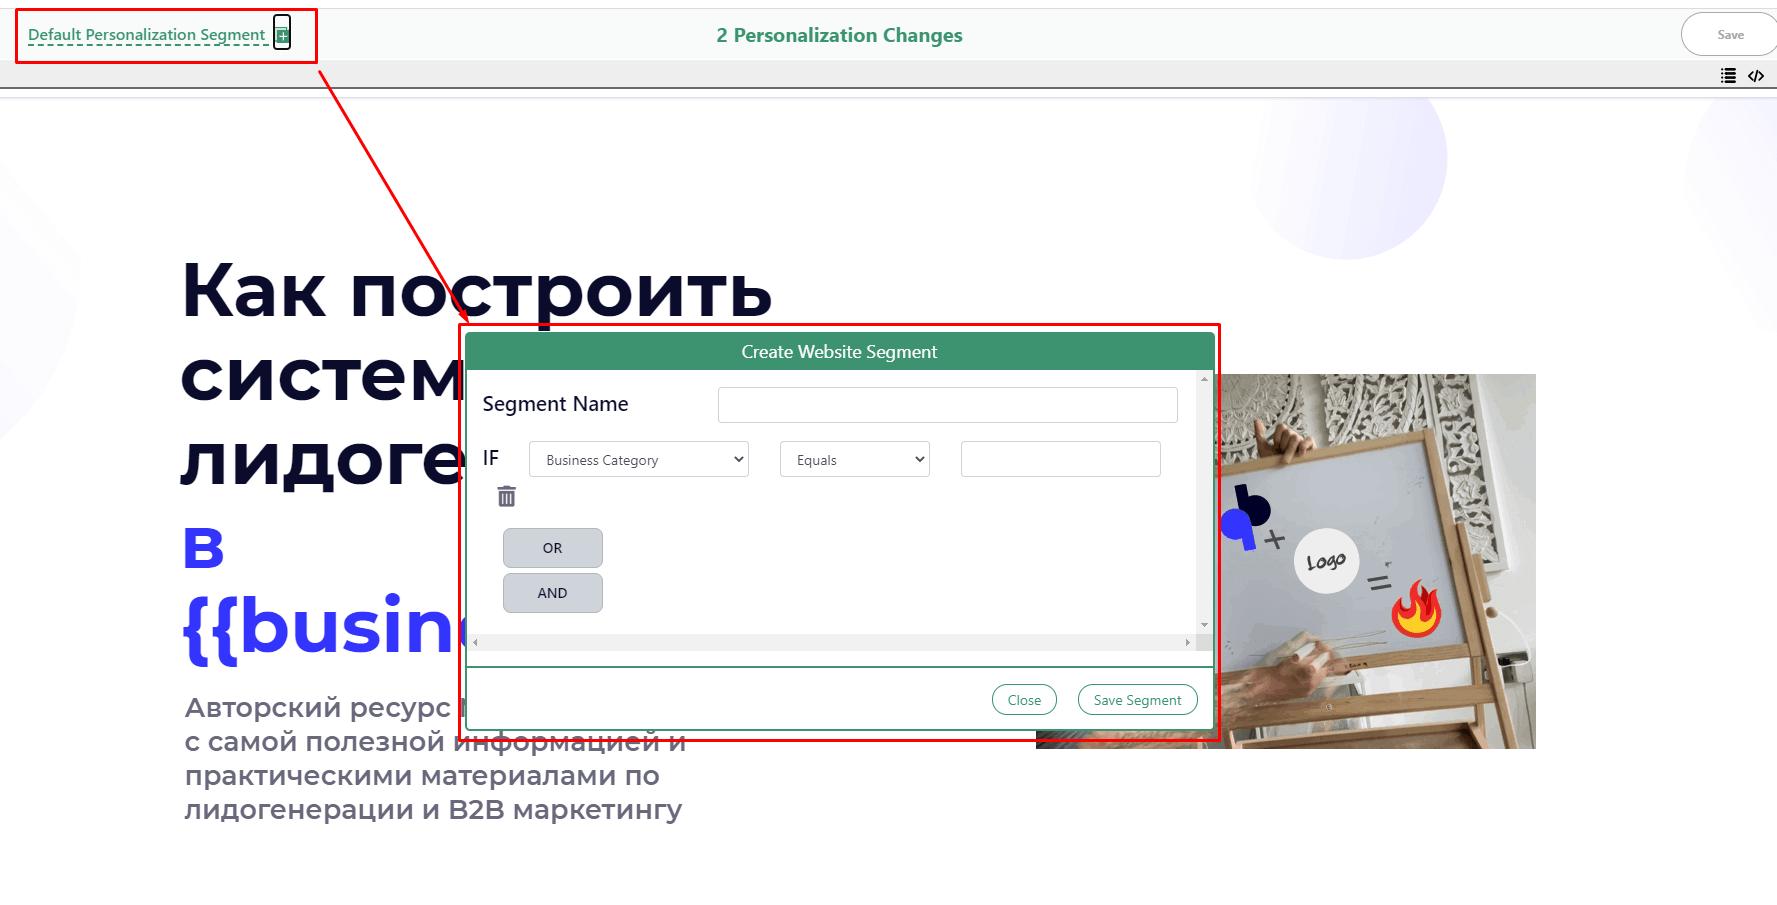 персонализация картинок на сайте для разных сегментов